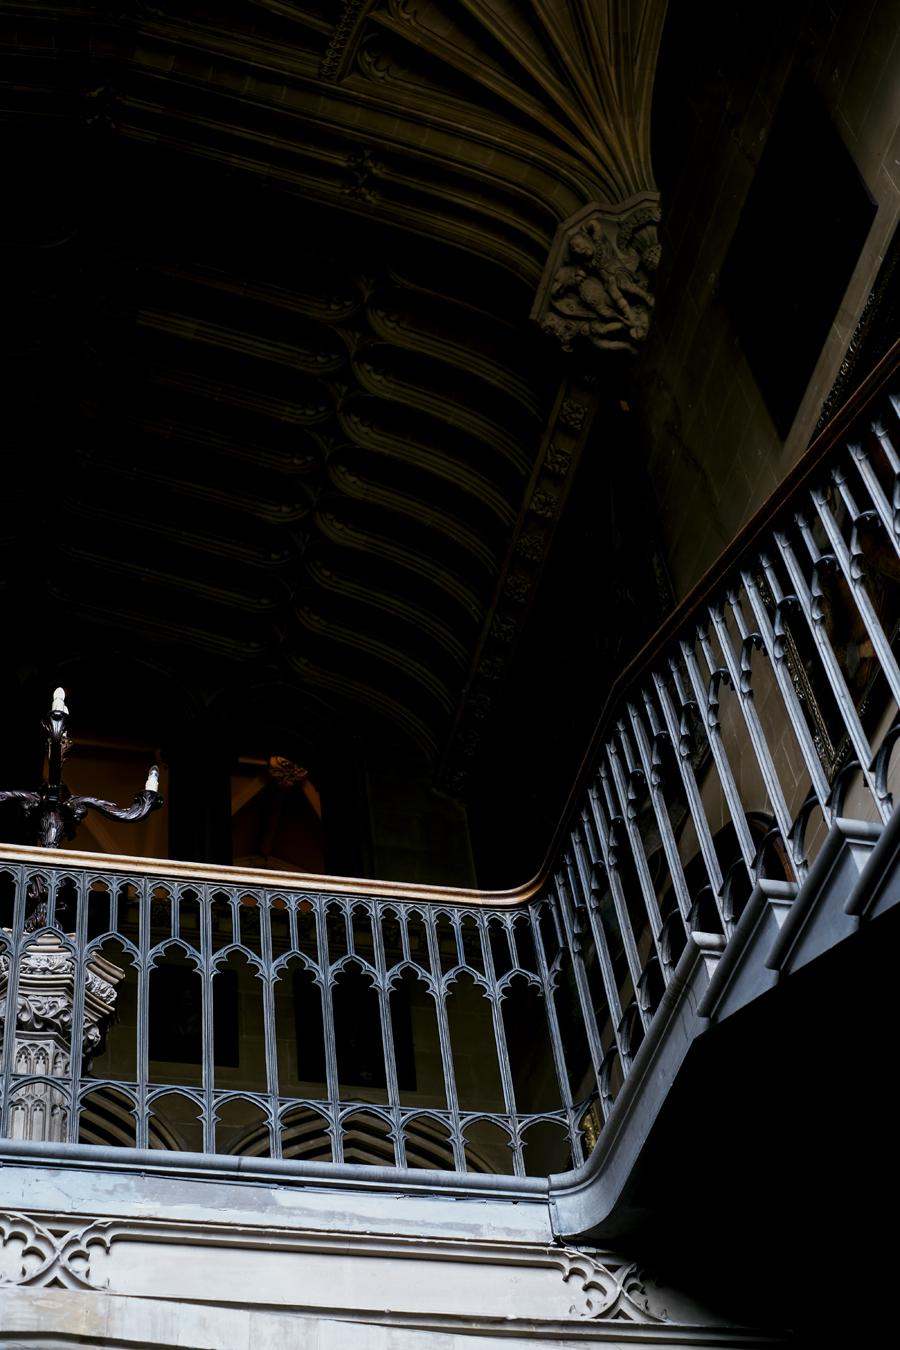 duns_castle_ecosse_concours_abritel_homeaway_la_belle_et_la_bete_11